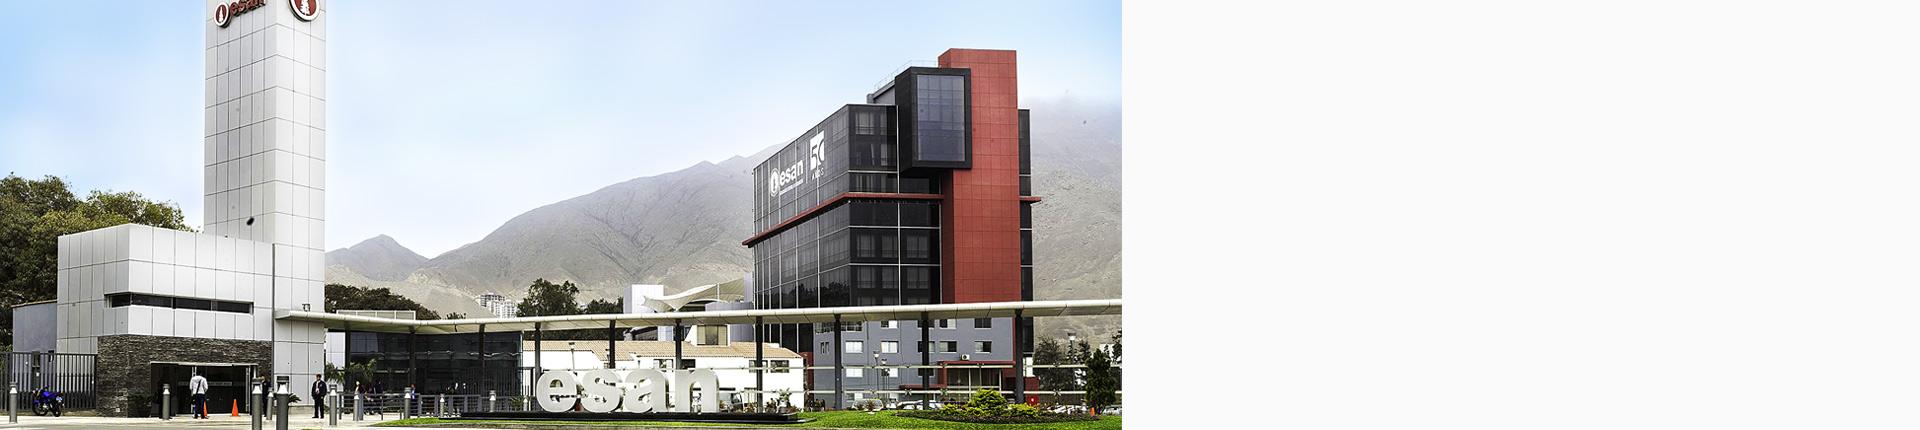 ESAN | PROGRAMA DE EXTENSIÓN UNIVERSITARIA - Club El Comercio Perú.